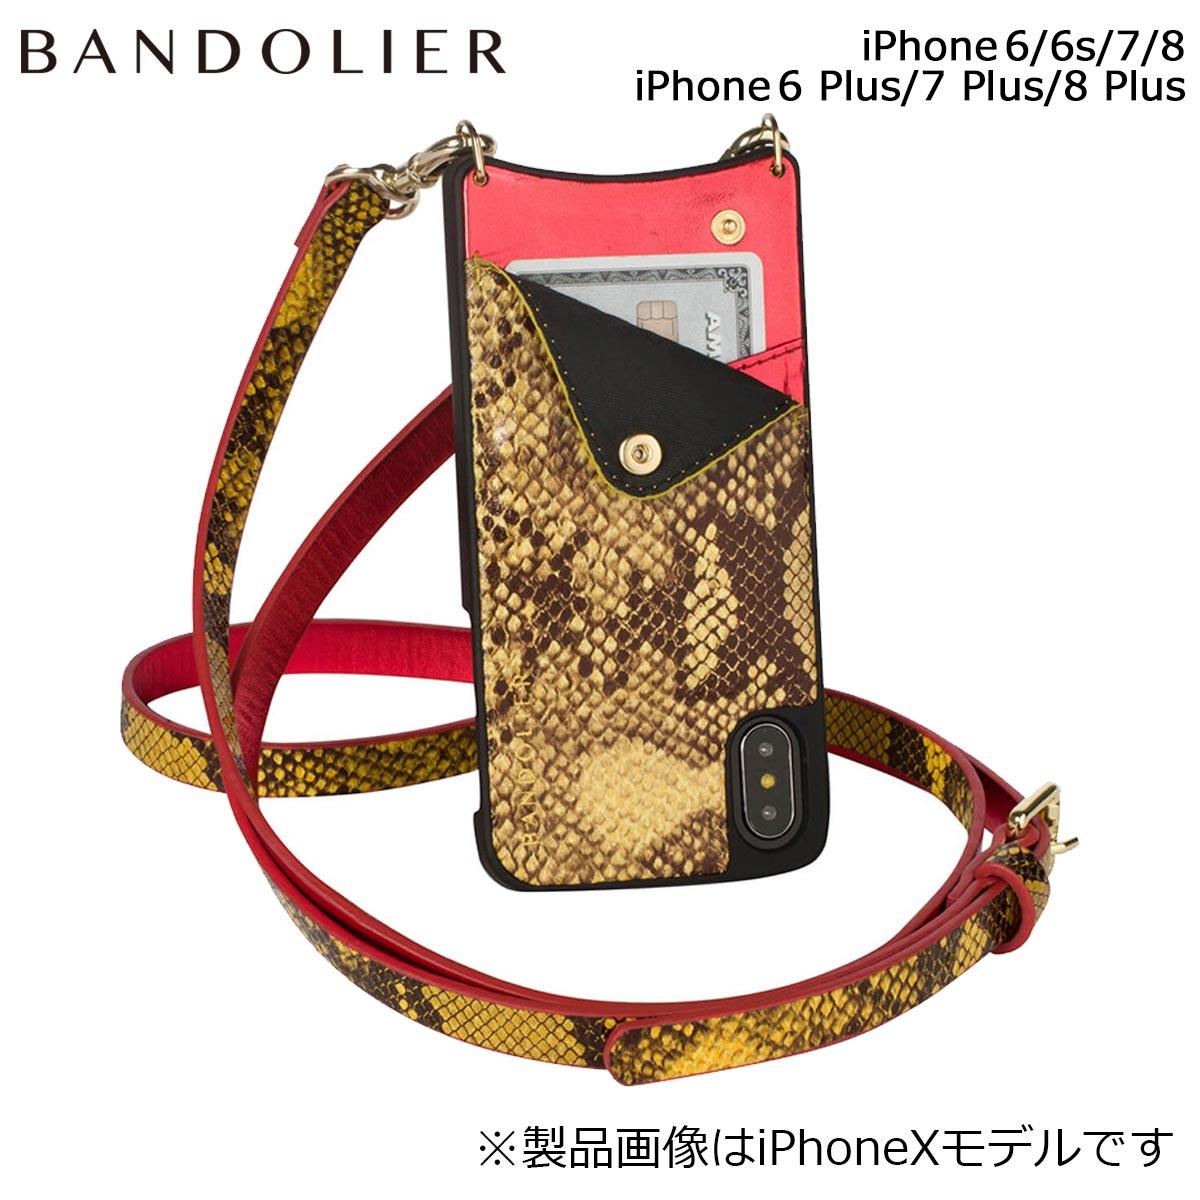 バンドリヤー BANDOLIER iPhone8 iPhone7 7Plus 6s ケース スマホ アイフォン プラス EMMA YELLOW SNAKE メンズ レディース イエロー [6/1 新入荷] 【決算セール 返品不可】